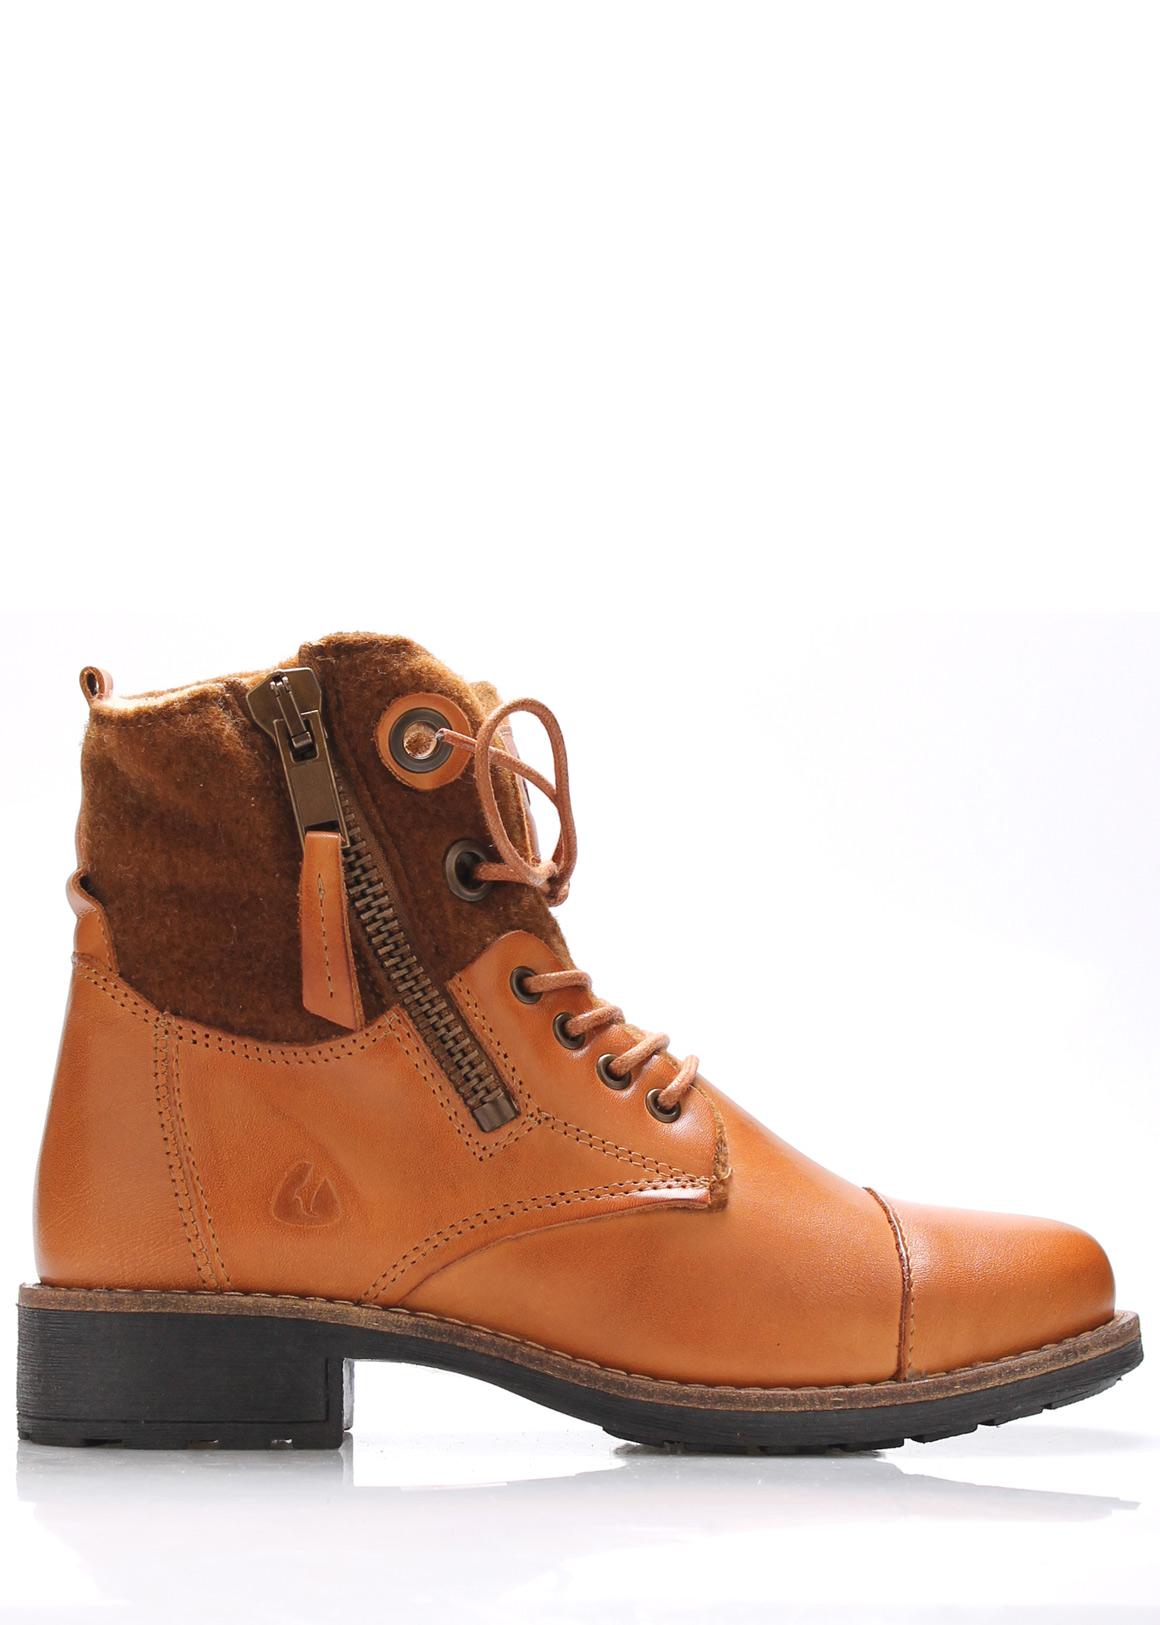 Hnědé kožené boty s kožíškem Online Shoes Velikost: 38